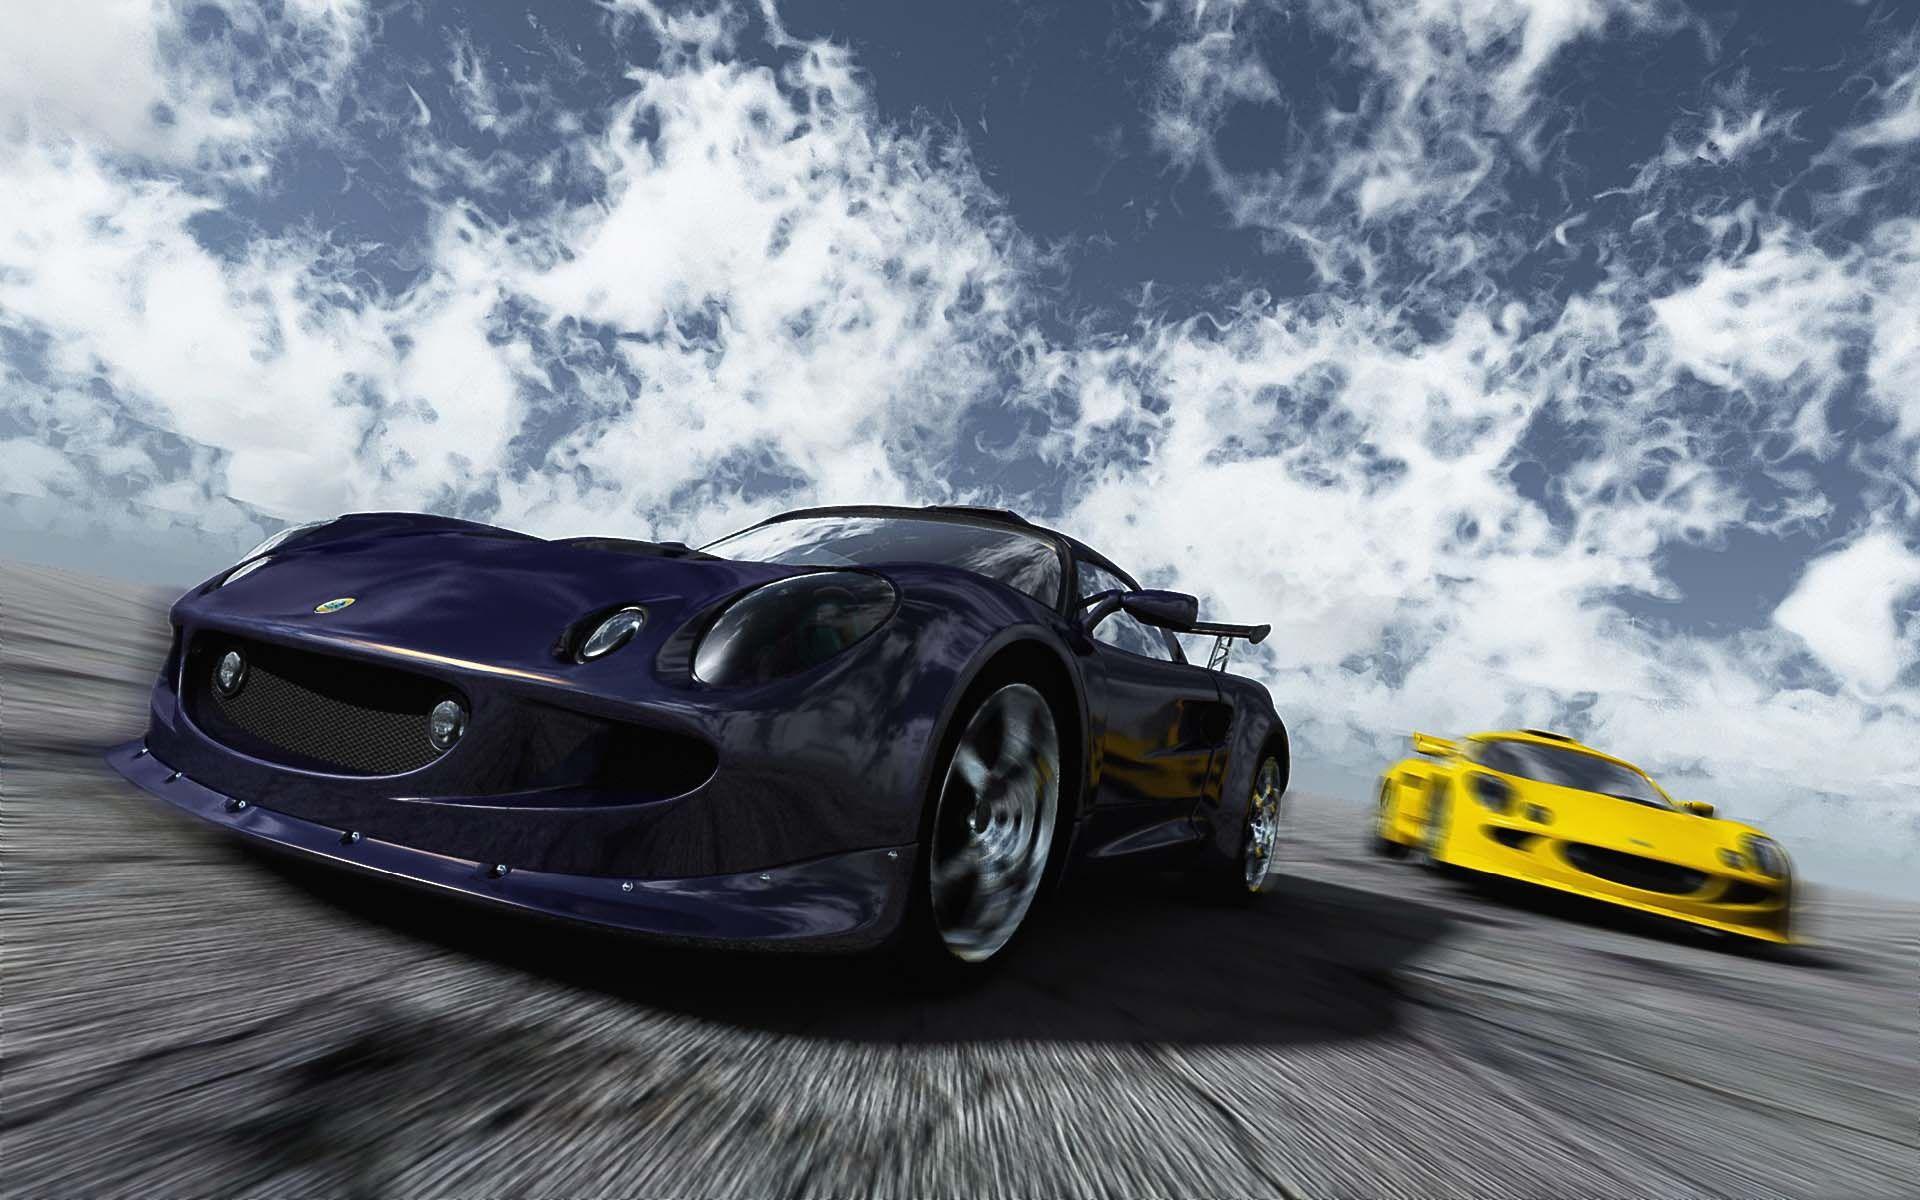 Racing Car In Action Wallpaper Car Racing Hd Wallpapers Download Free 1920x1200 Download Hd Wallpaper Wallpapertip